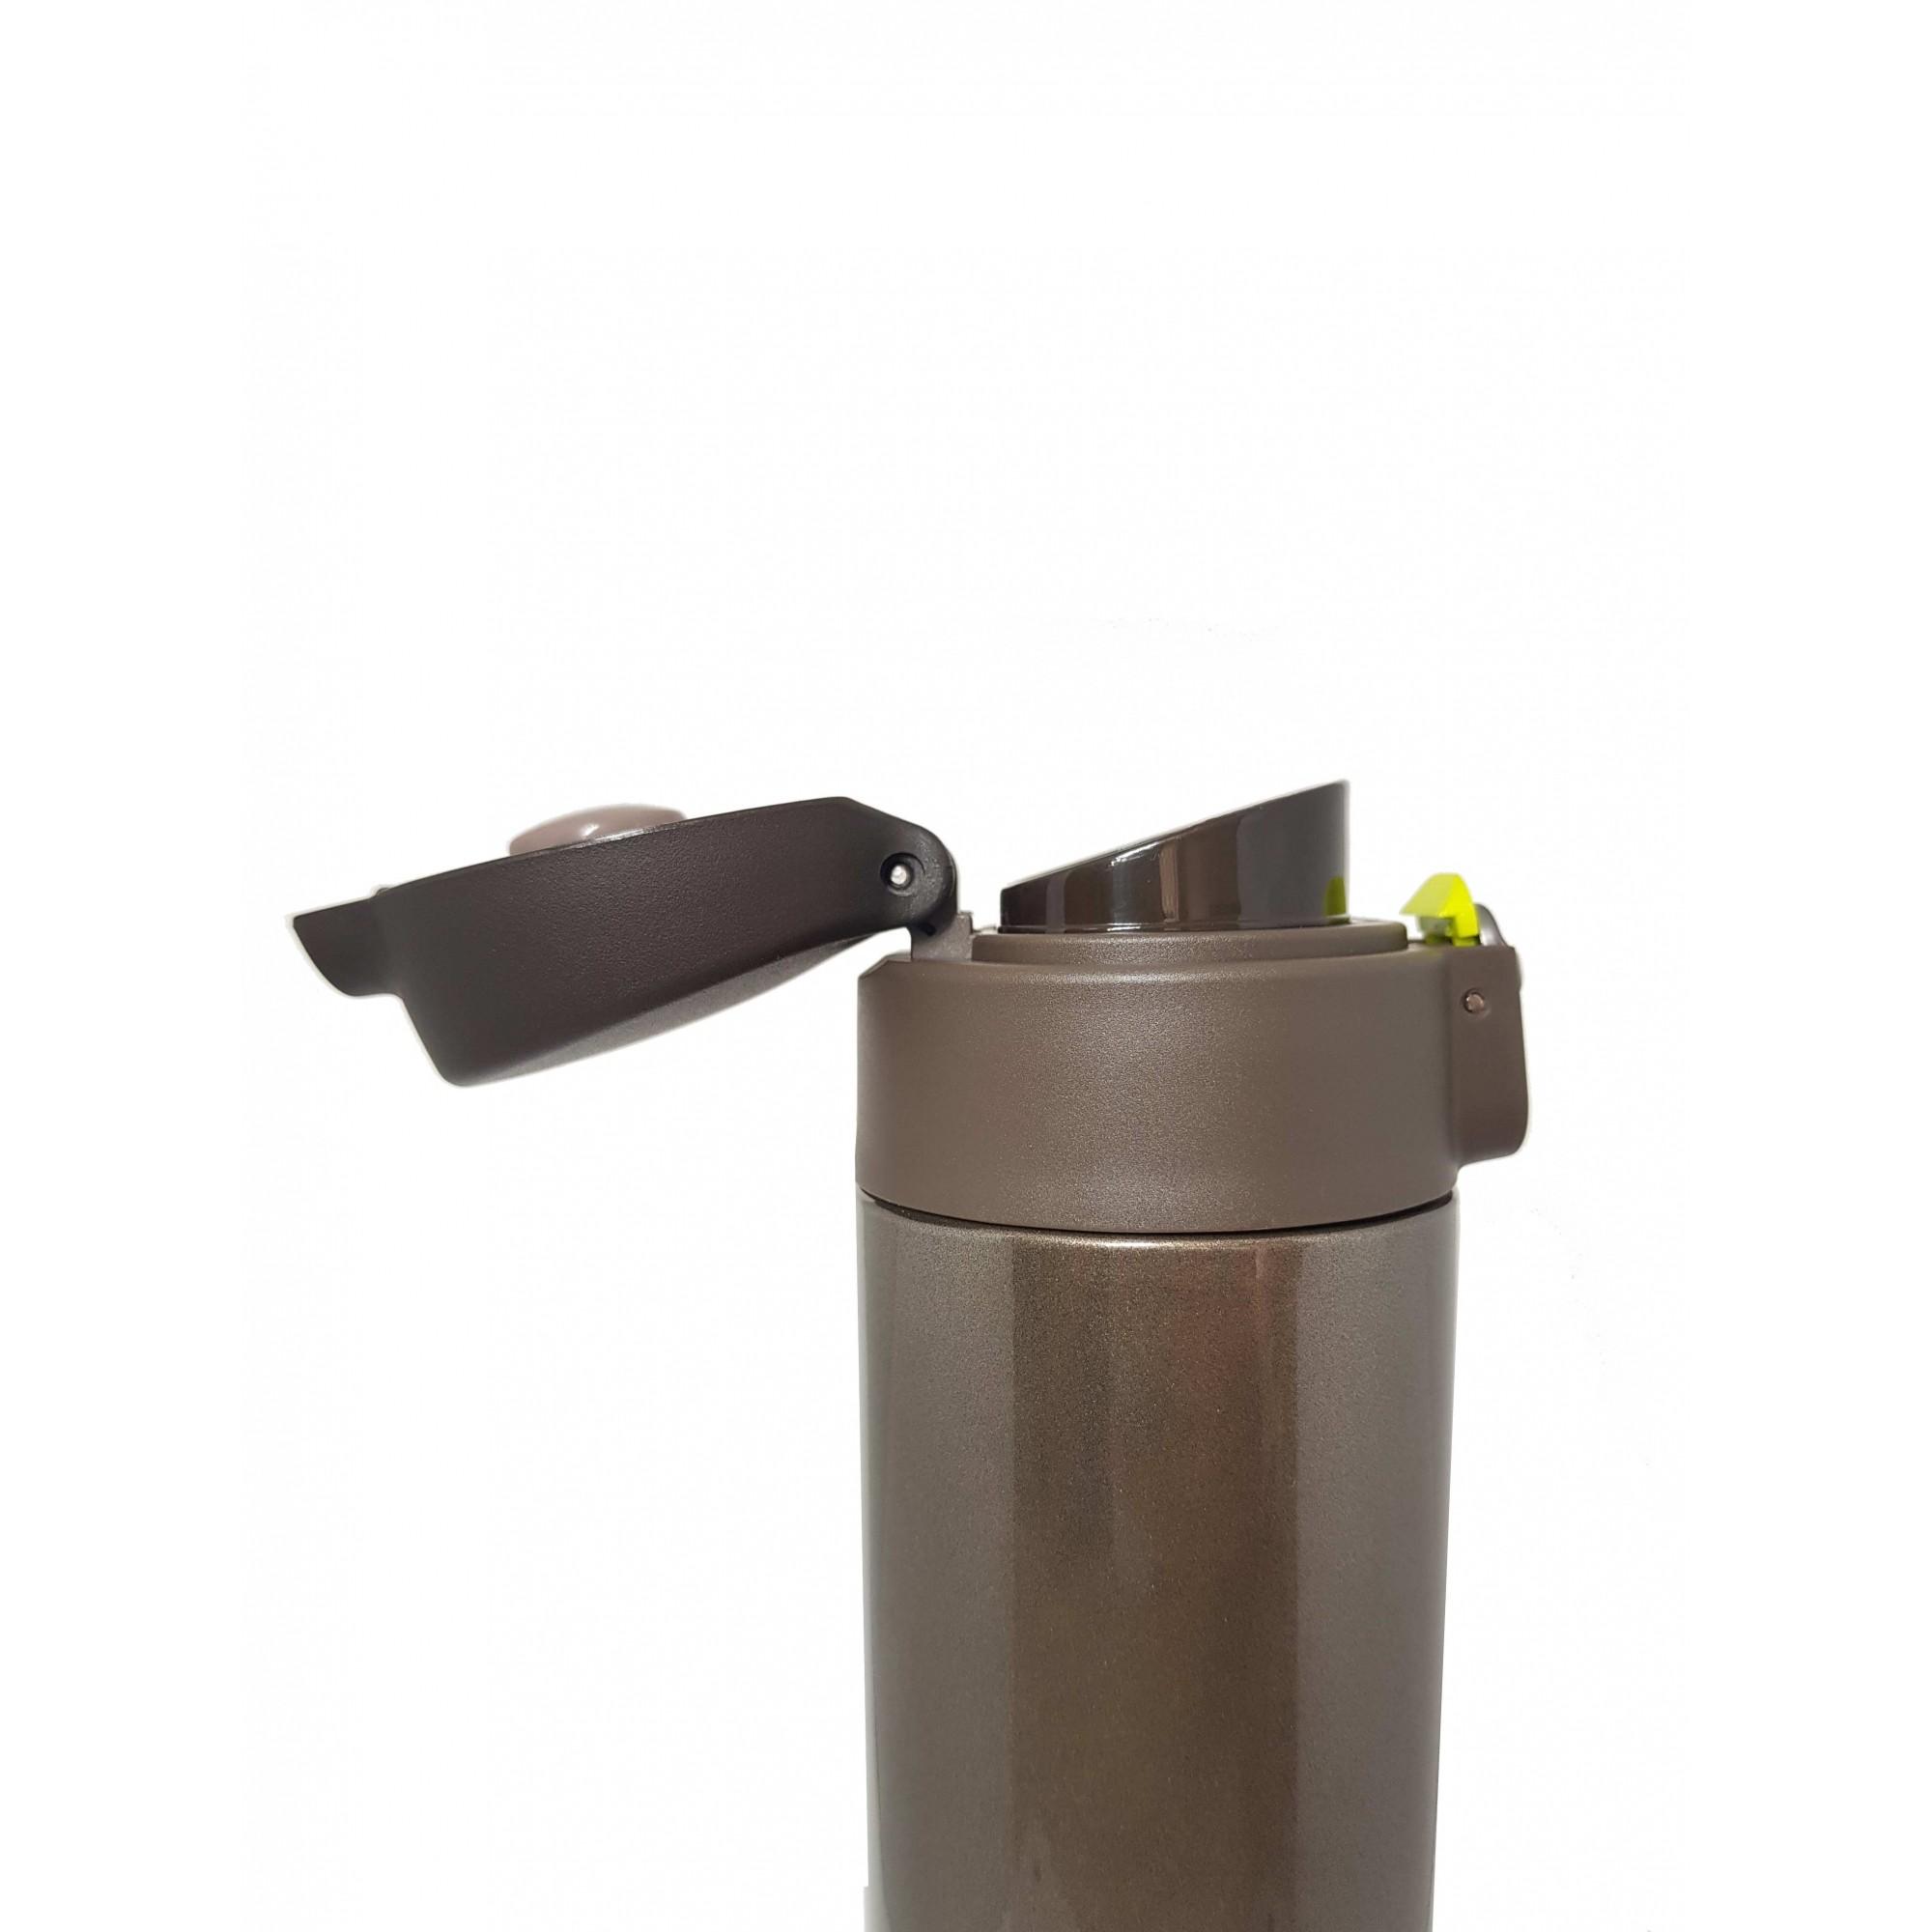 Kit Mundo Mochila + garrafa inox 500 ml Marrom + kit 6 em 1 Inox